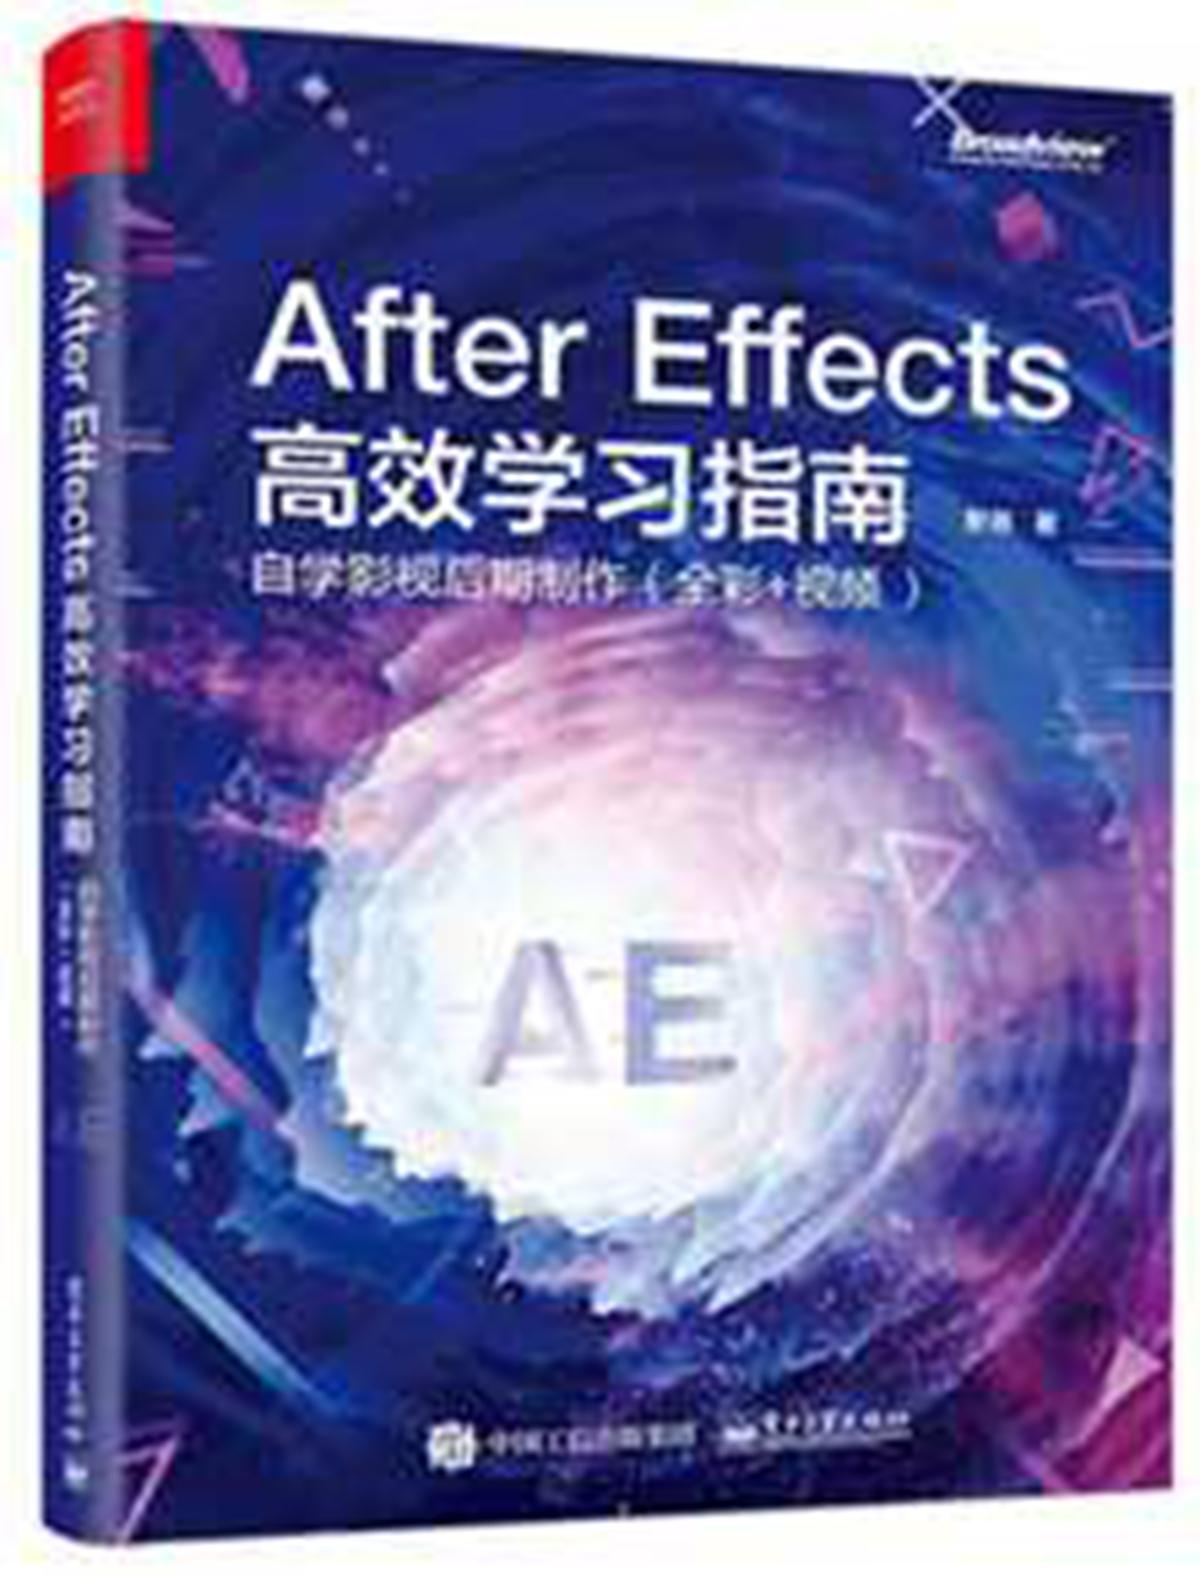 新手怎样正确有效的研究AE?-27.jpg